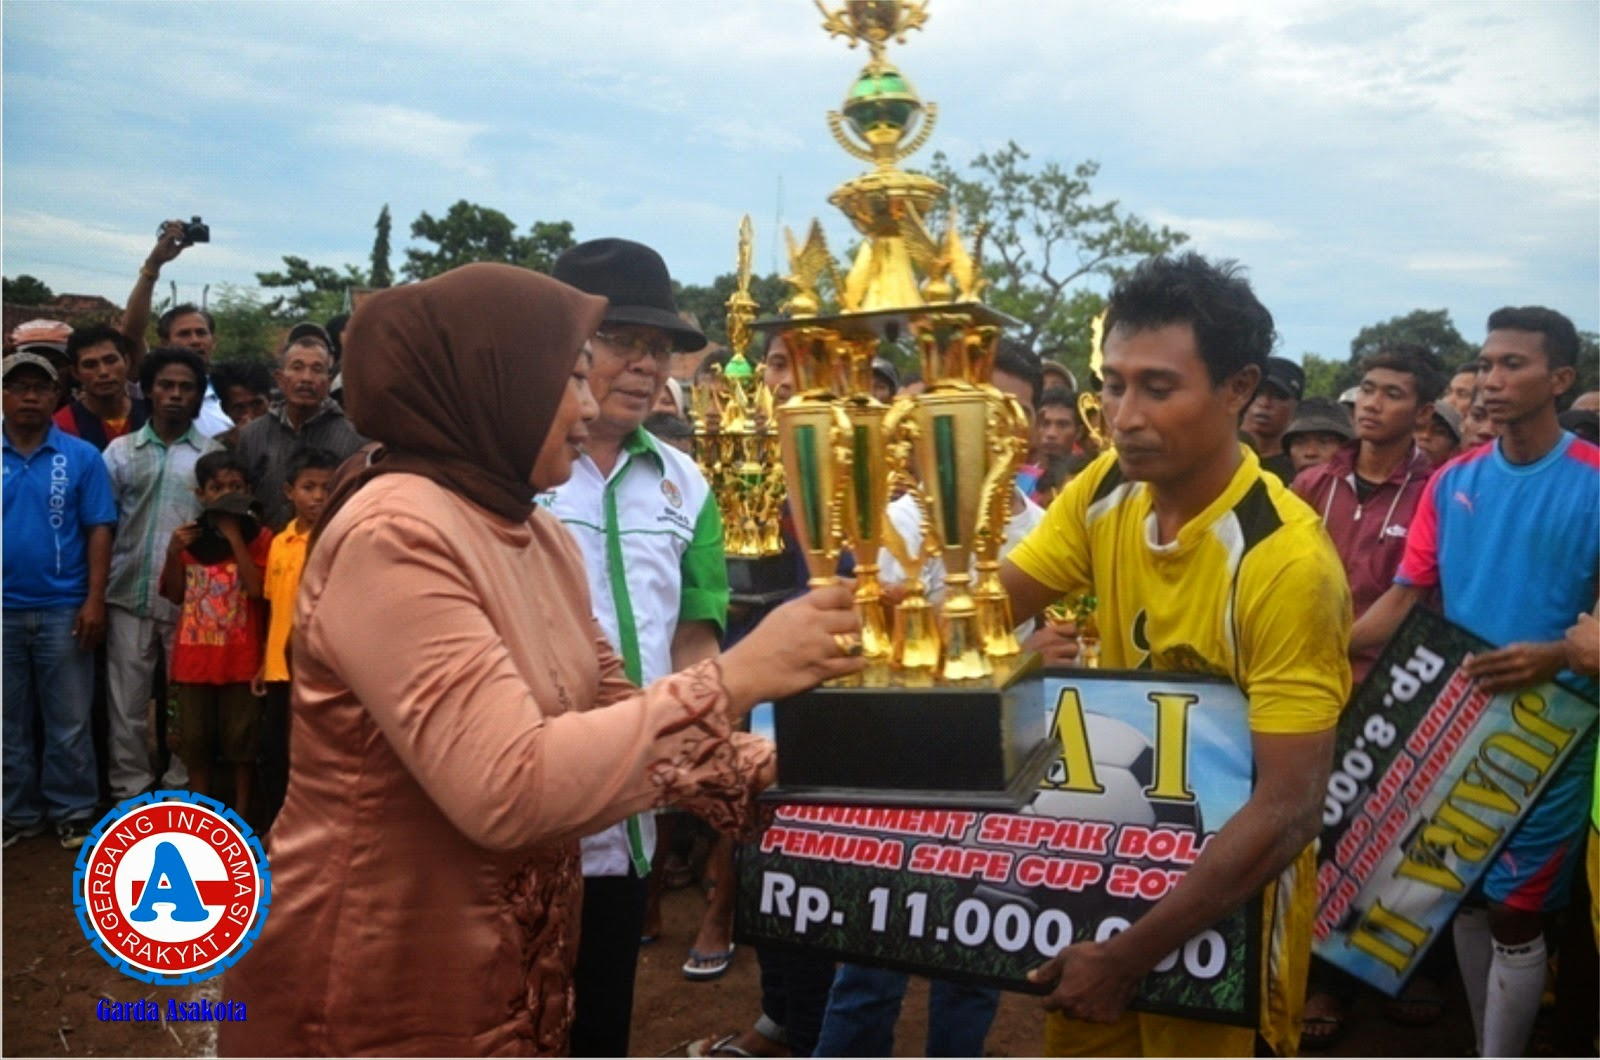 Tim Persada STKIP Bima Juara Turnamen Sepak Bola Pemuda Sape Cup